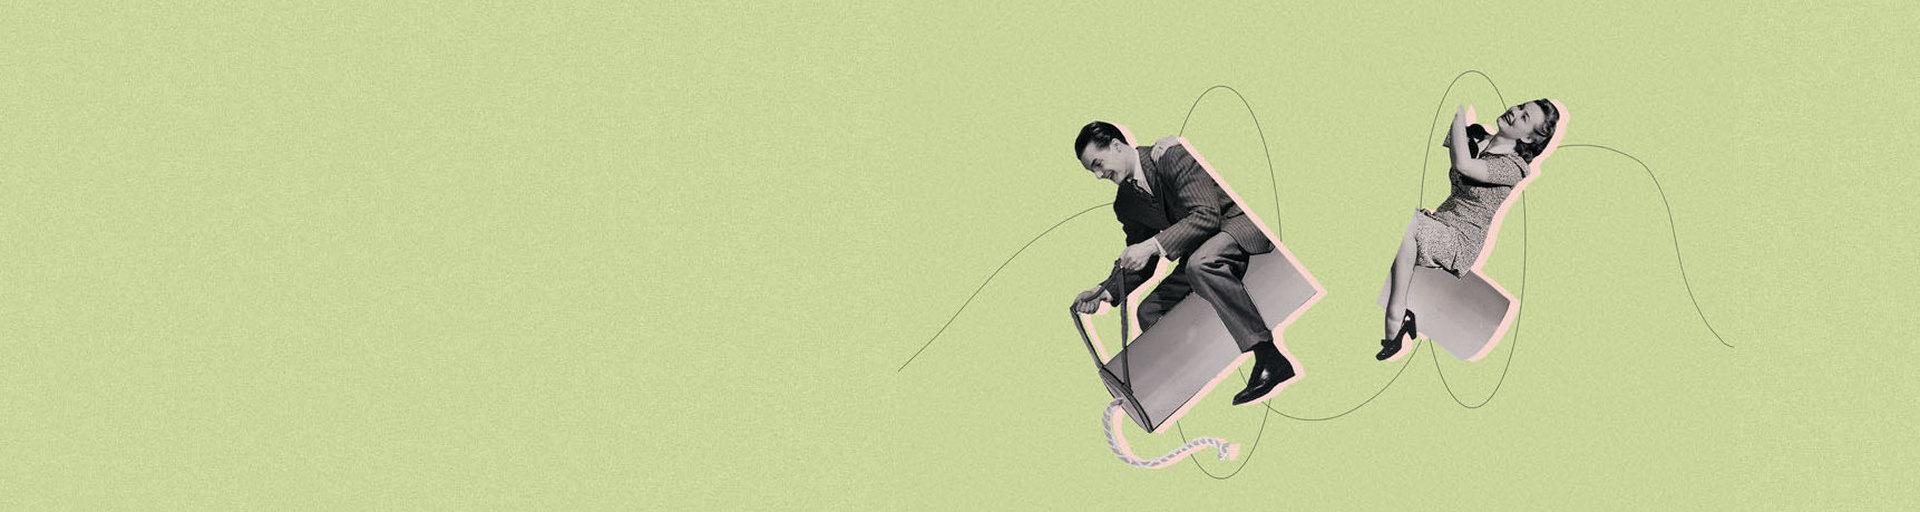 Вопрос психологу: как перестать бояться отказа